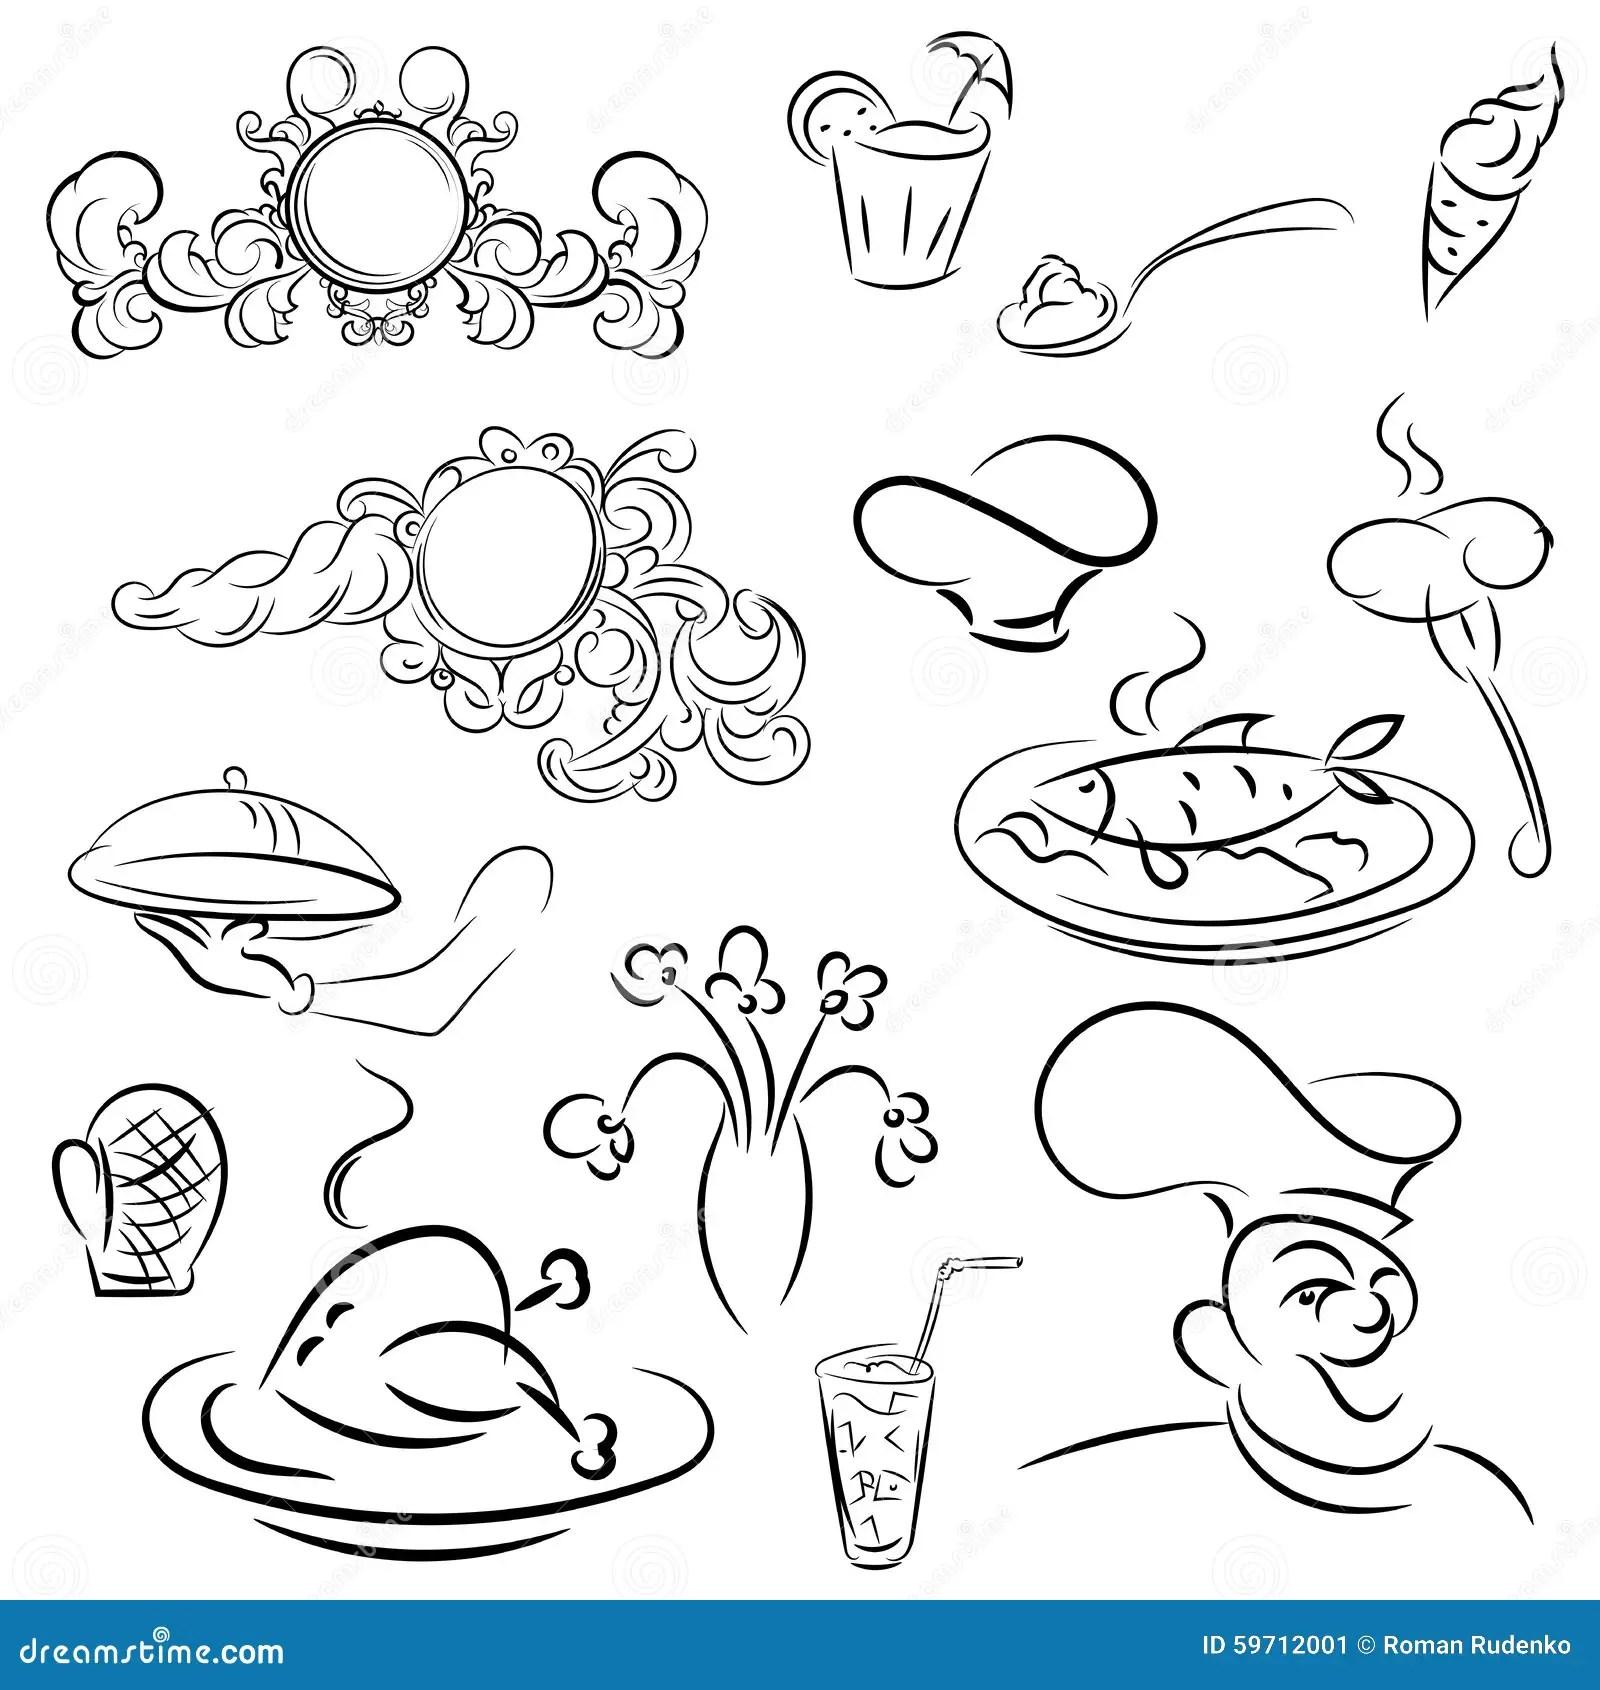 Design Elements For Design Menu Restaurant Or Cafe Vector